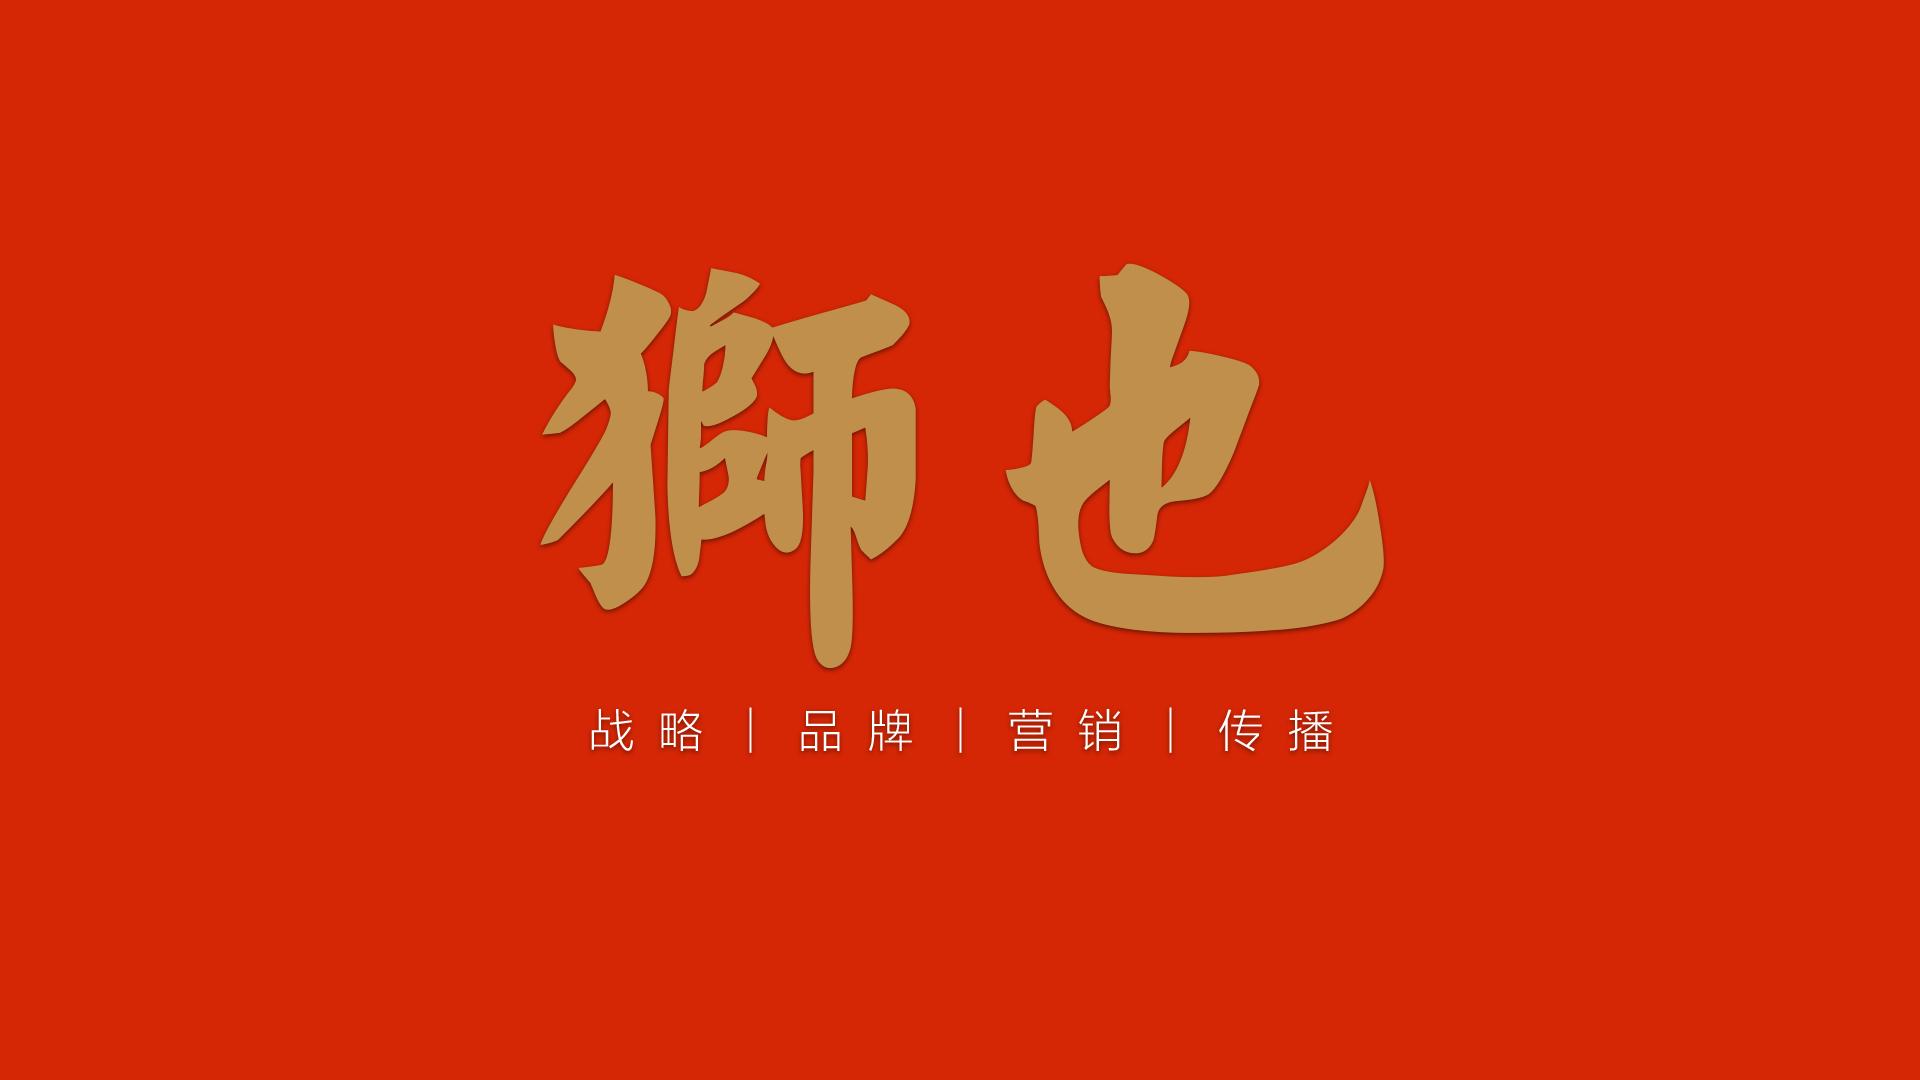 上海营销策划公司— 又一个服装巨头,下滑!